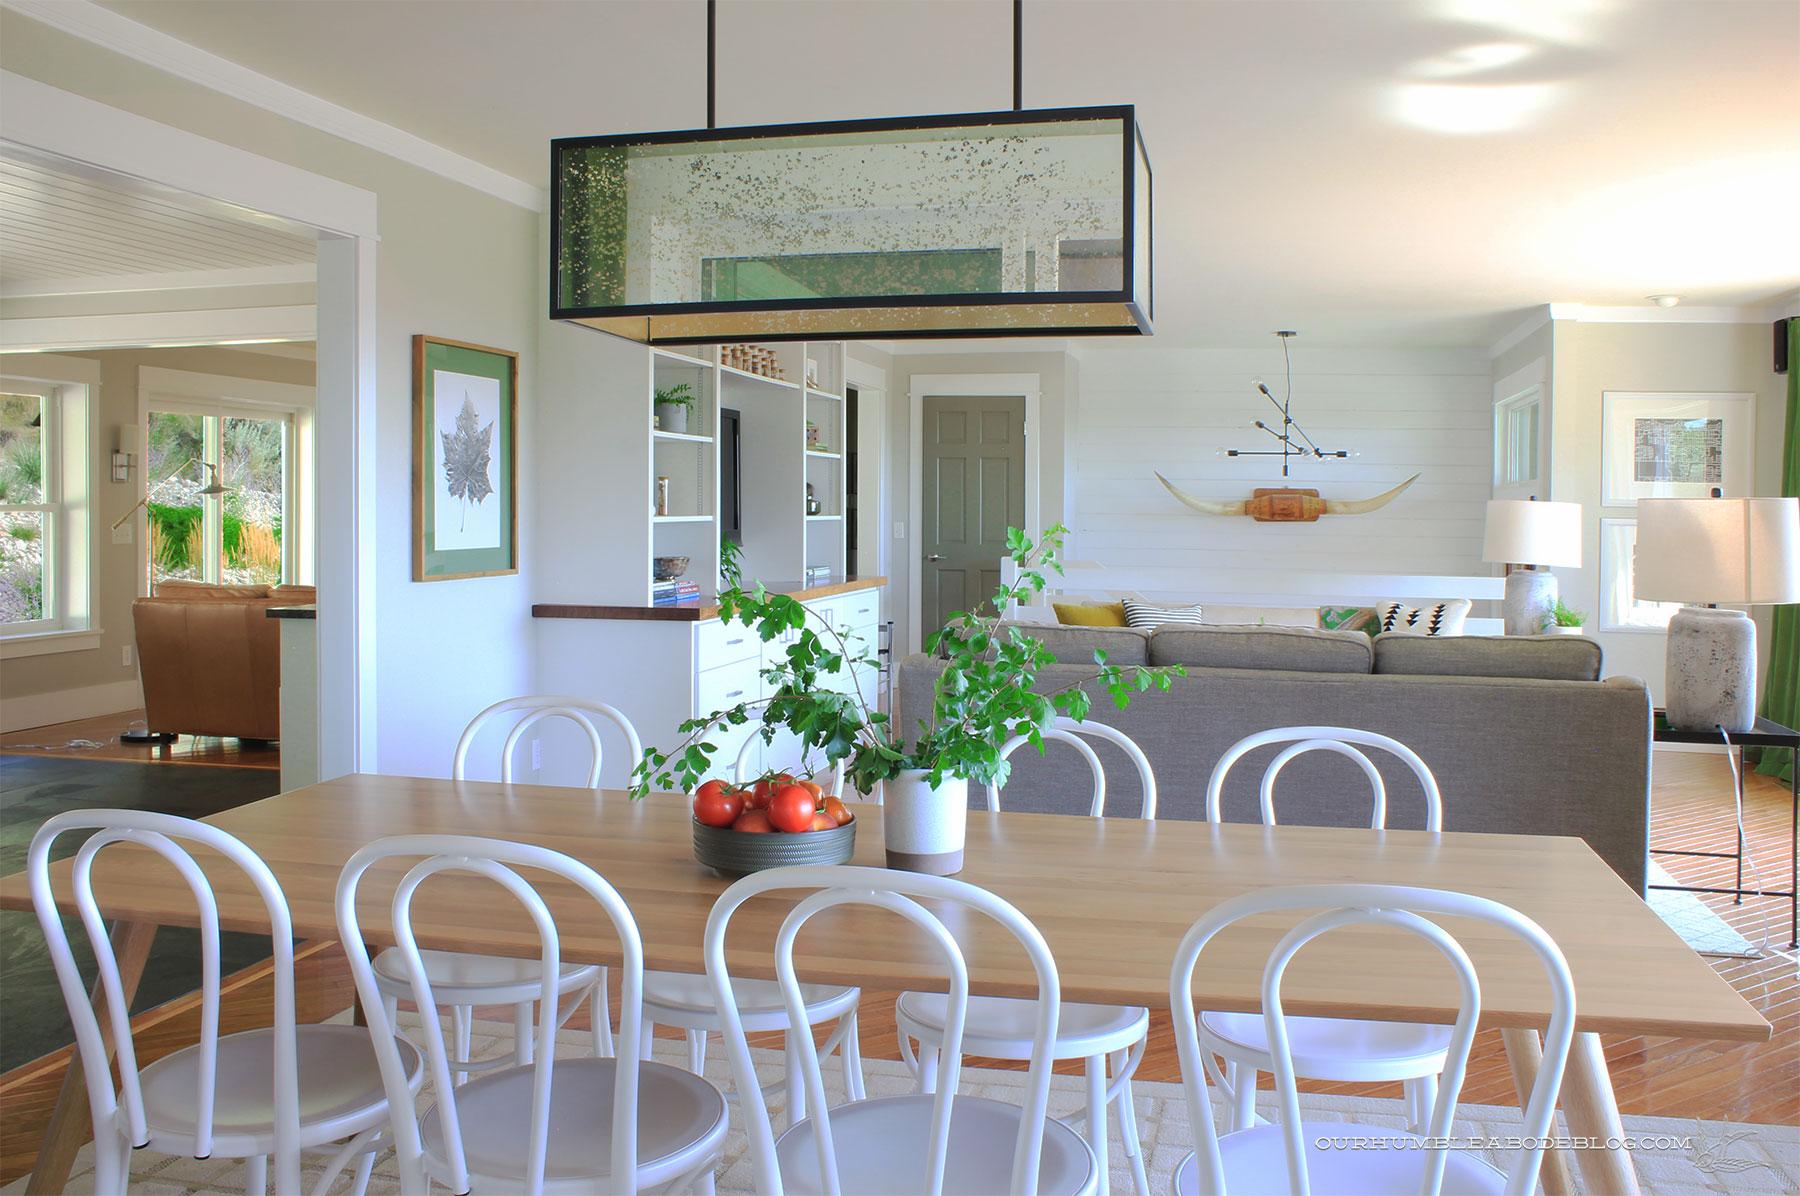 Seno-Dining-Table-Toward-Entry-and-Family-Room